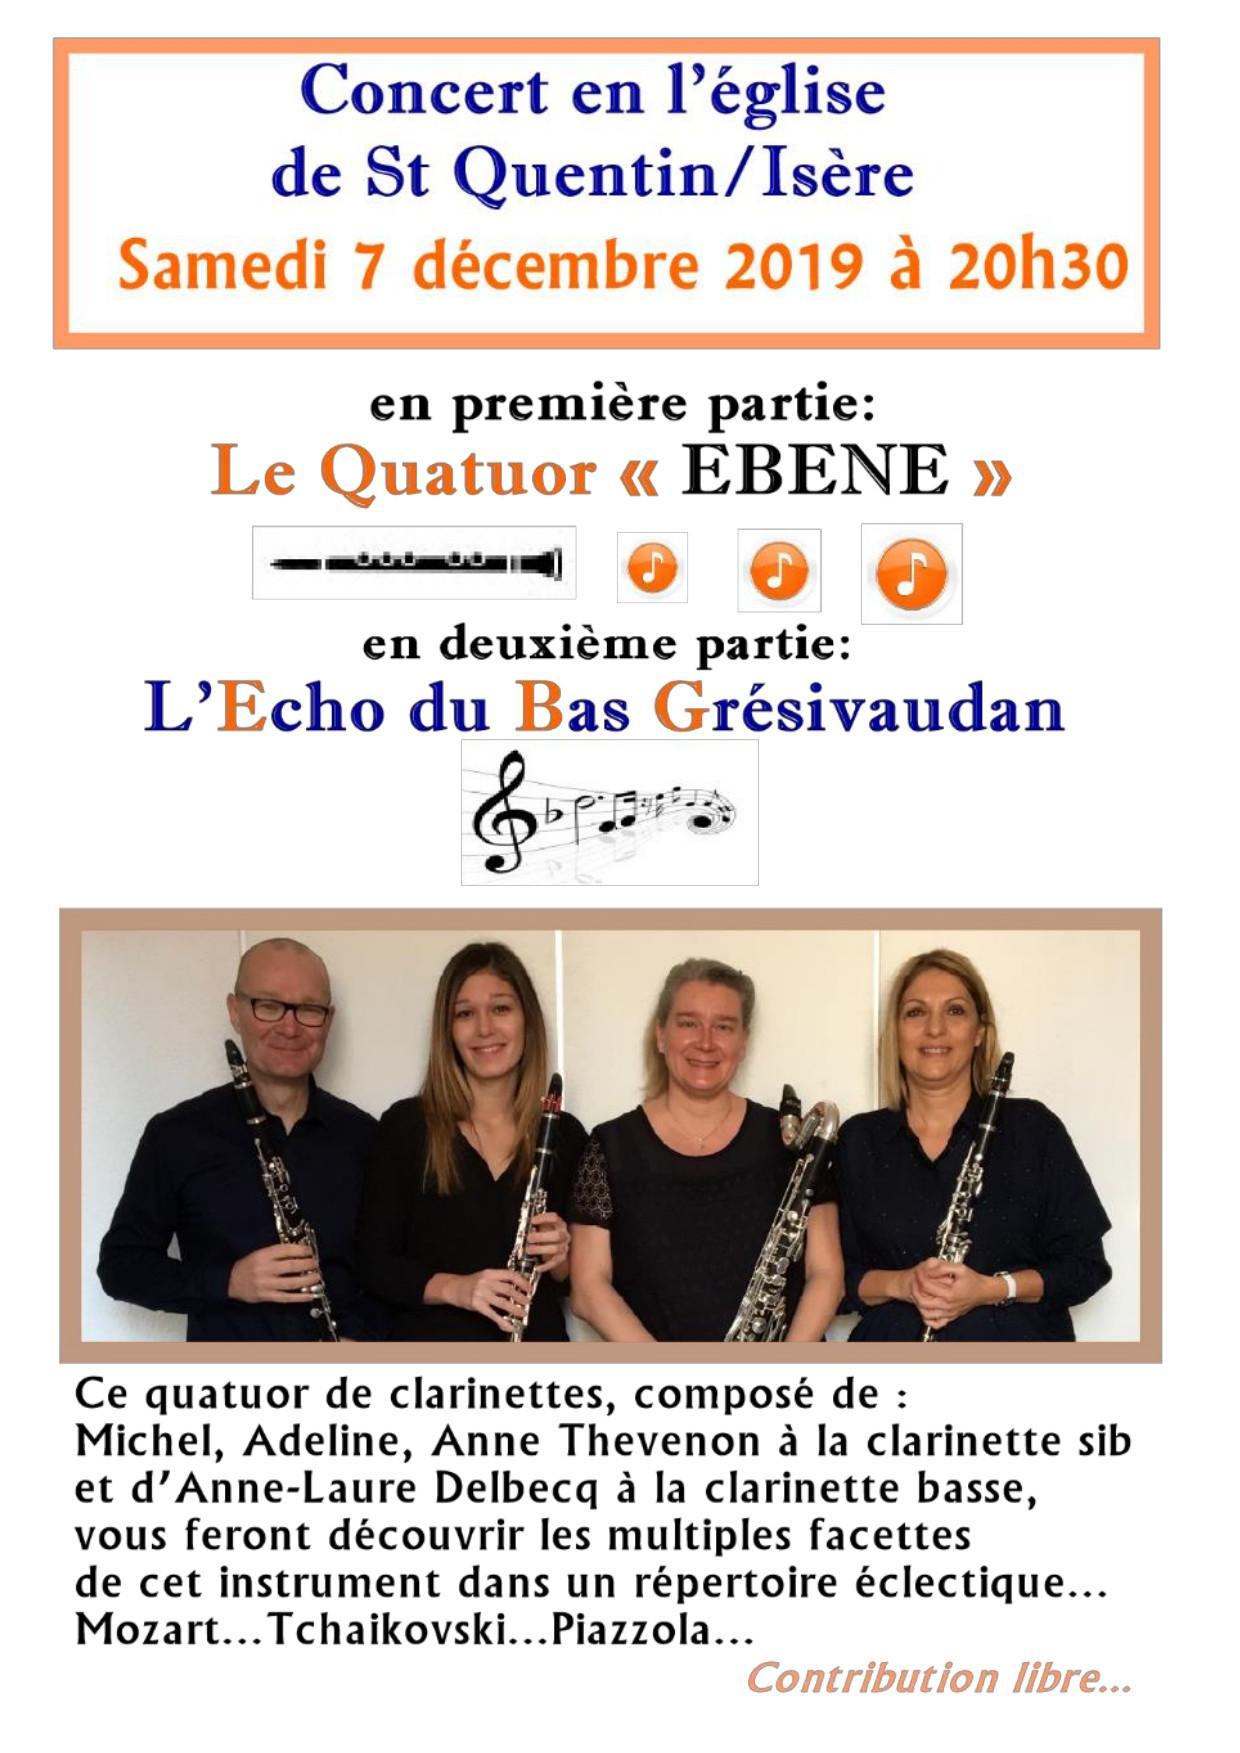 Concert Echos du bas Grésivaudan 7 décembre 2019